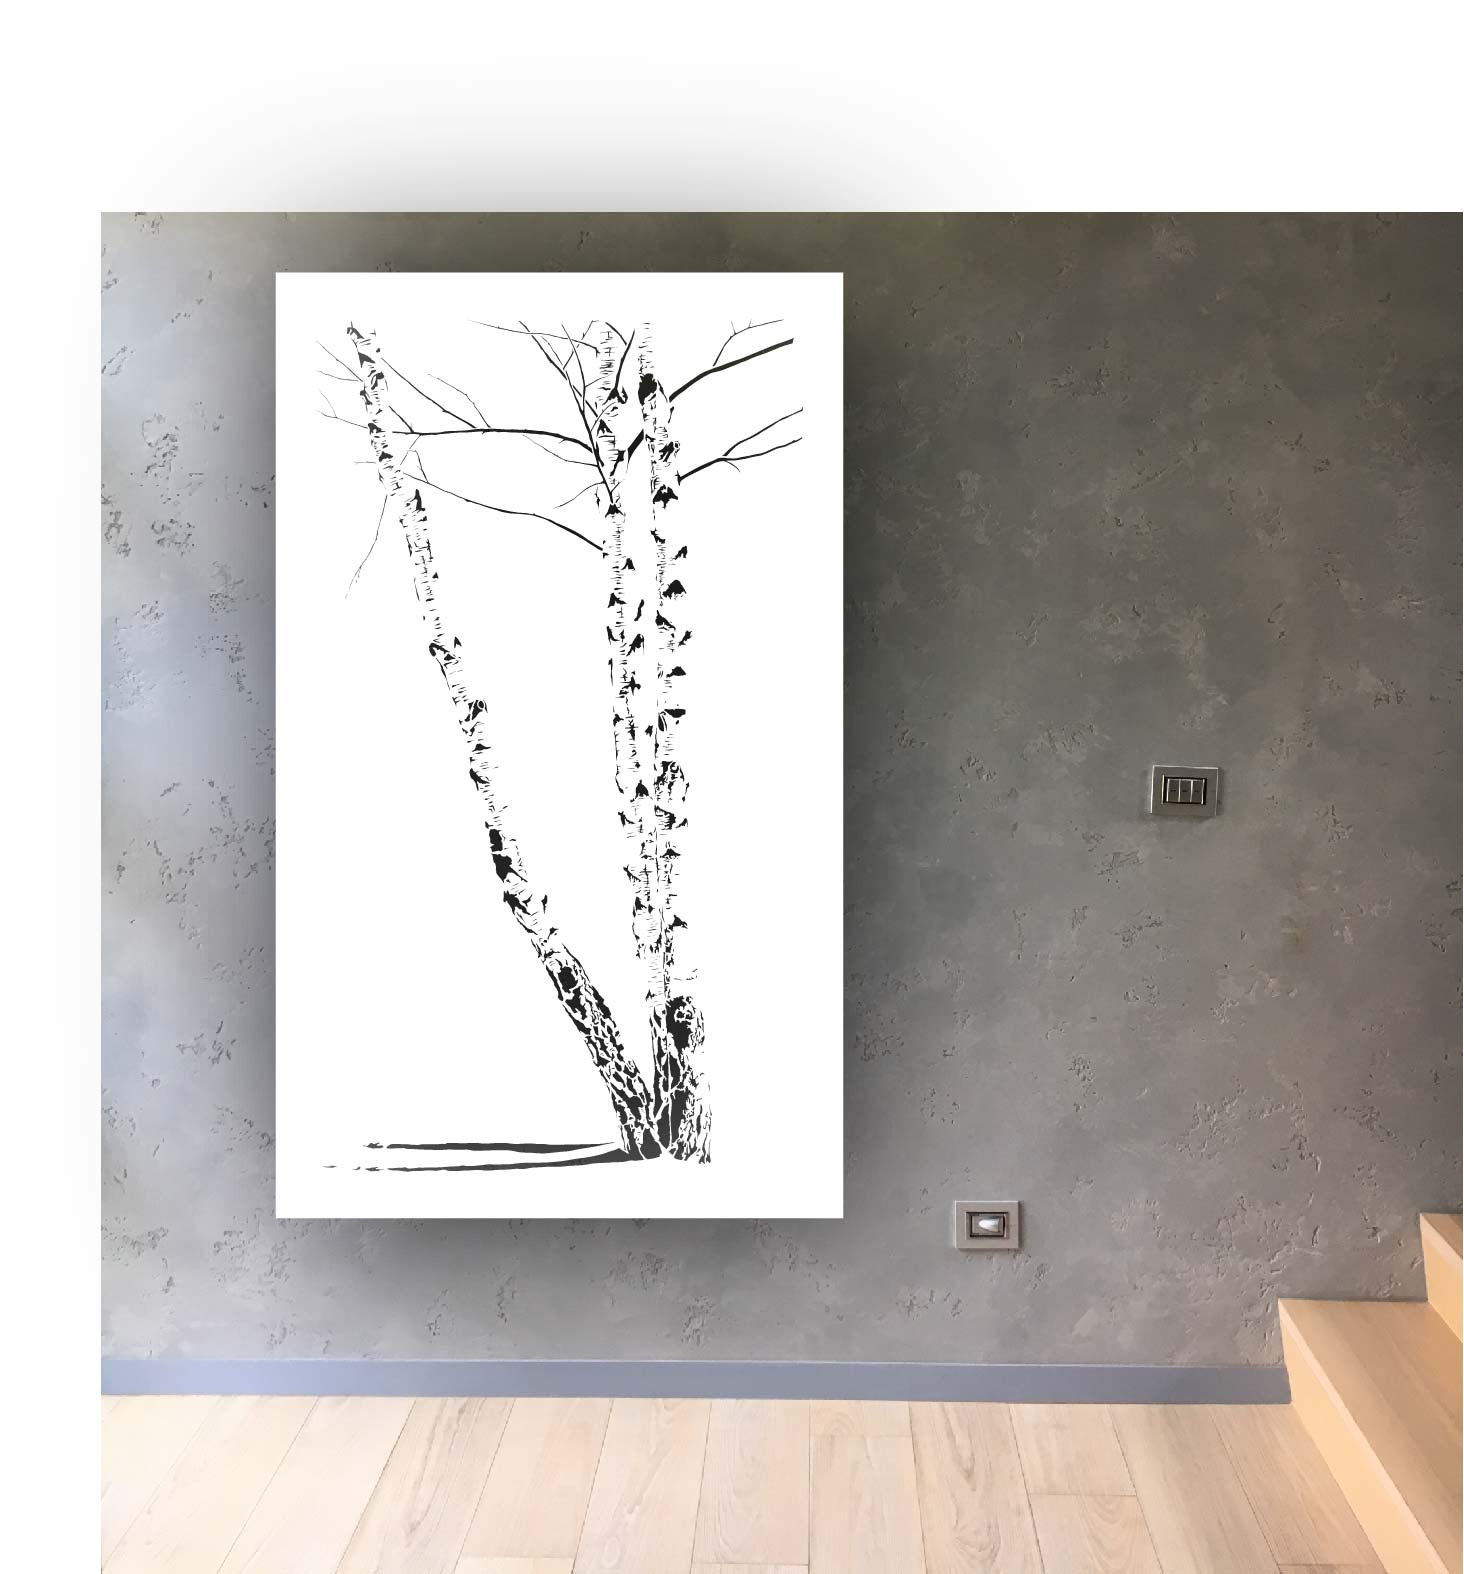 Obraz metalowy na ścianę brzozy_1